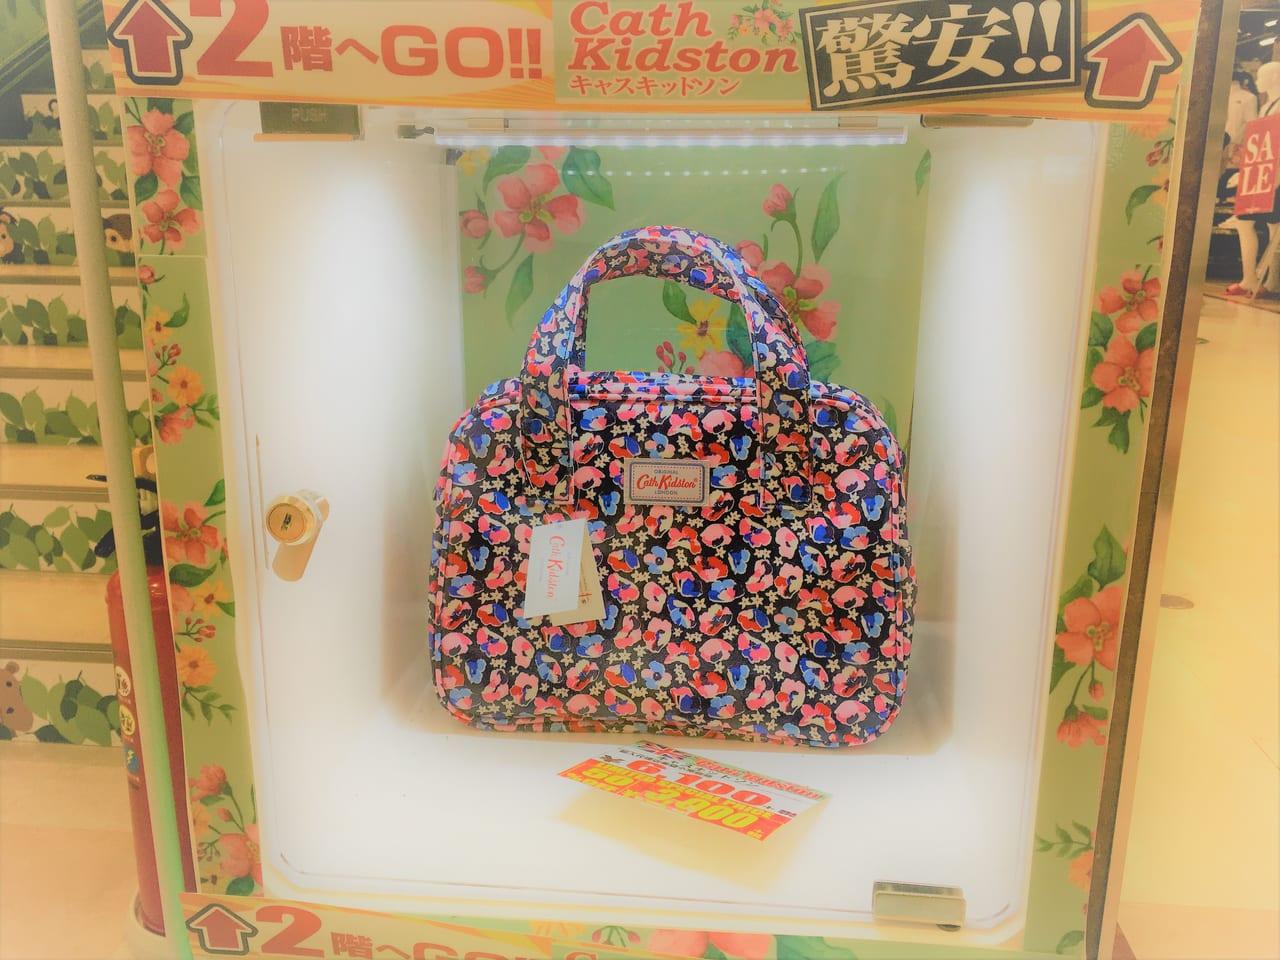 MEGAドン・キホーテUNY稲沢東店のキャスキッドソンのバッグ